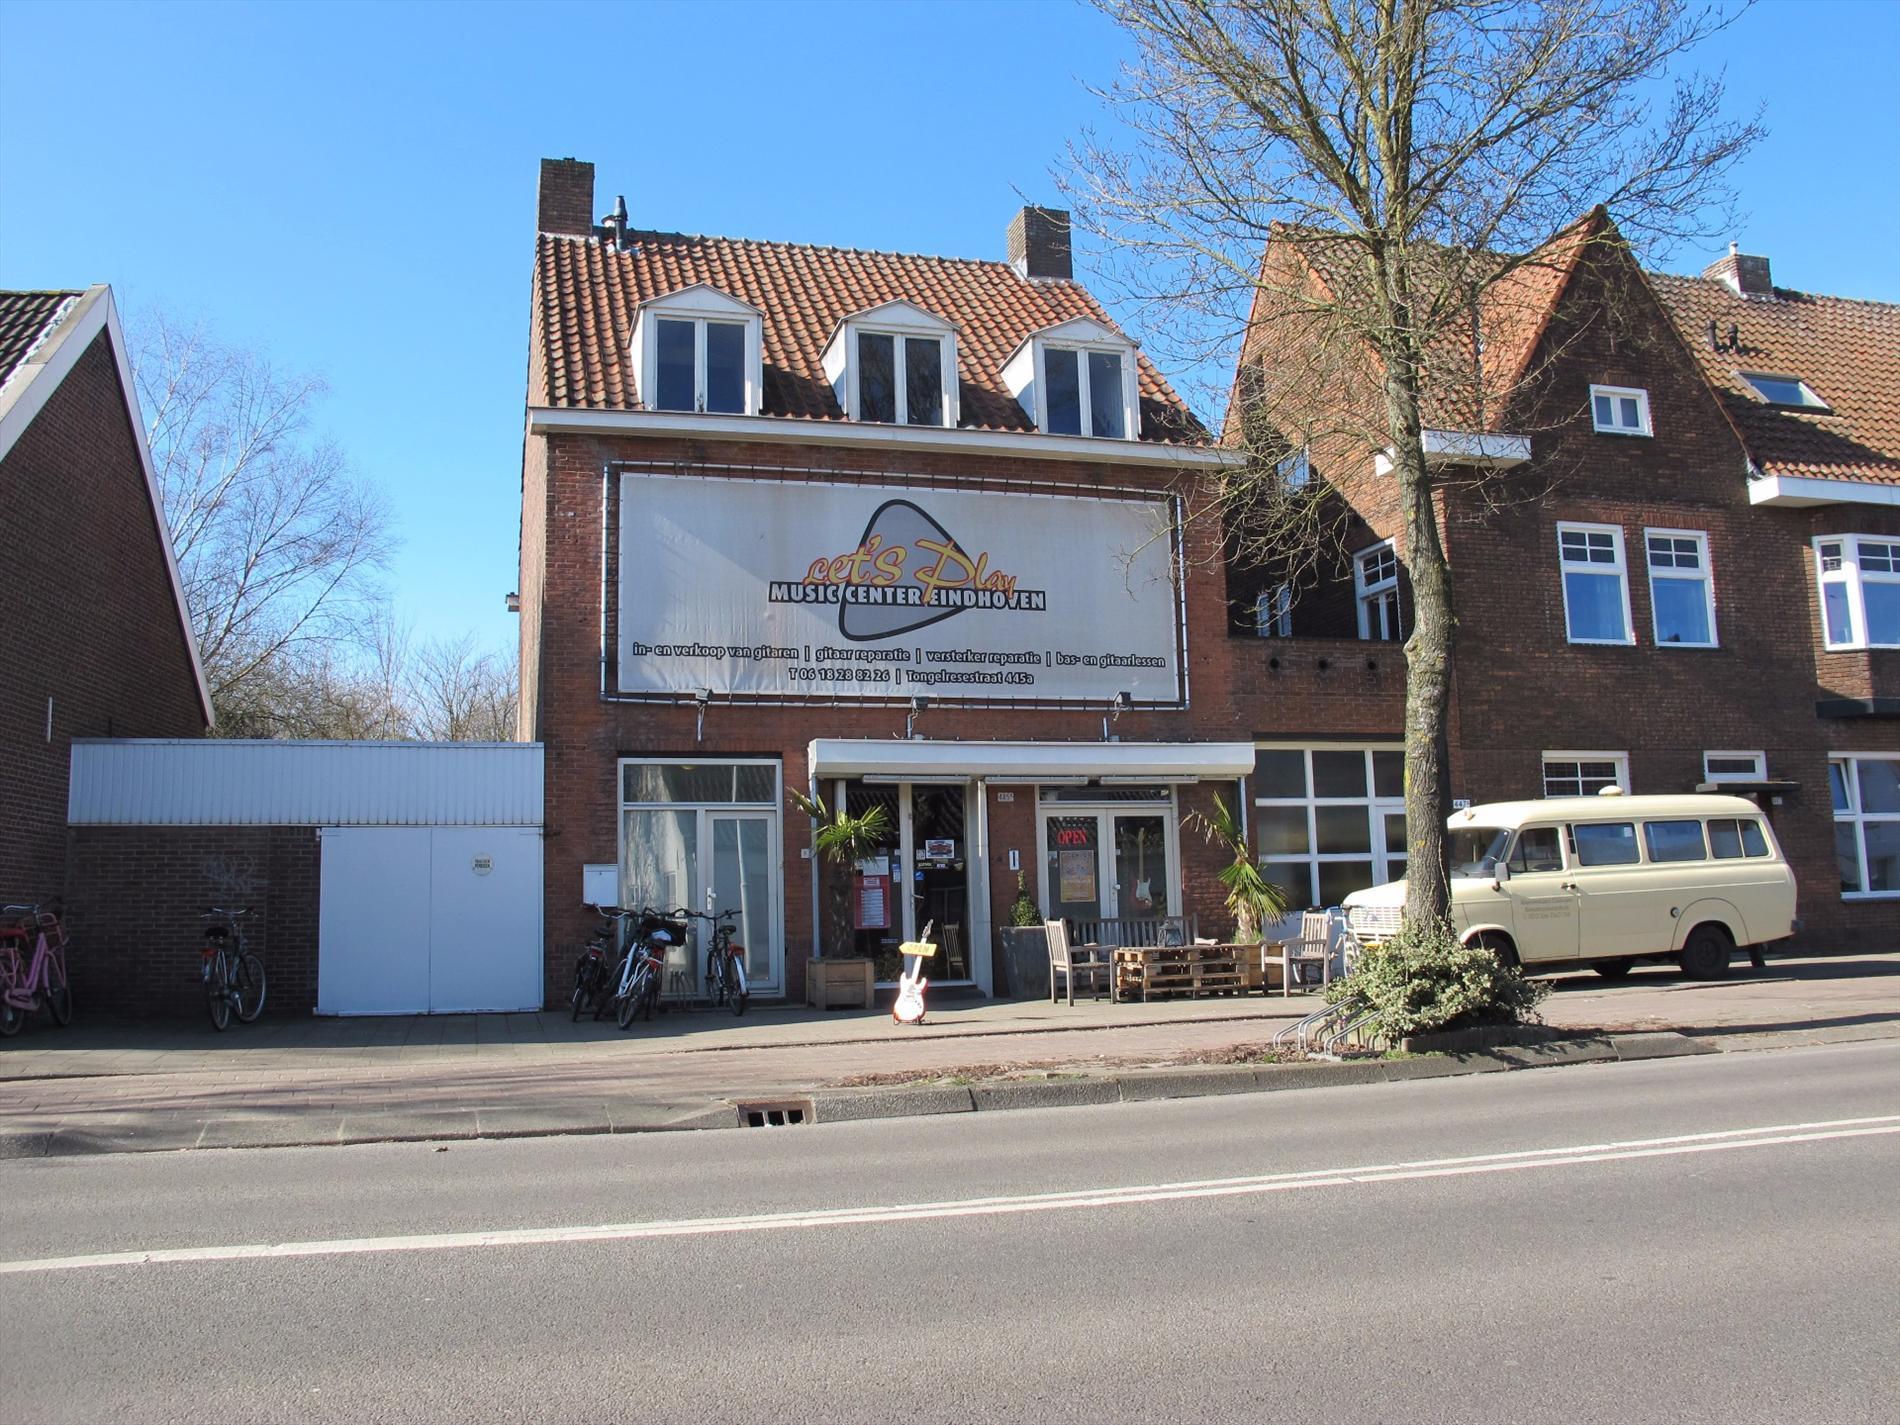 Tongelresestraat